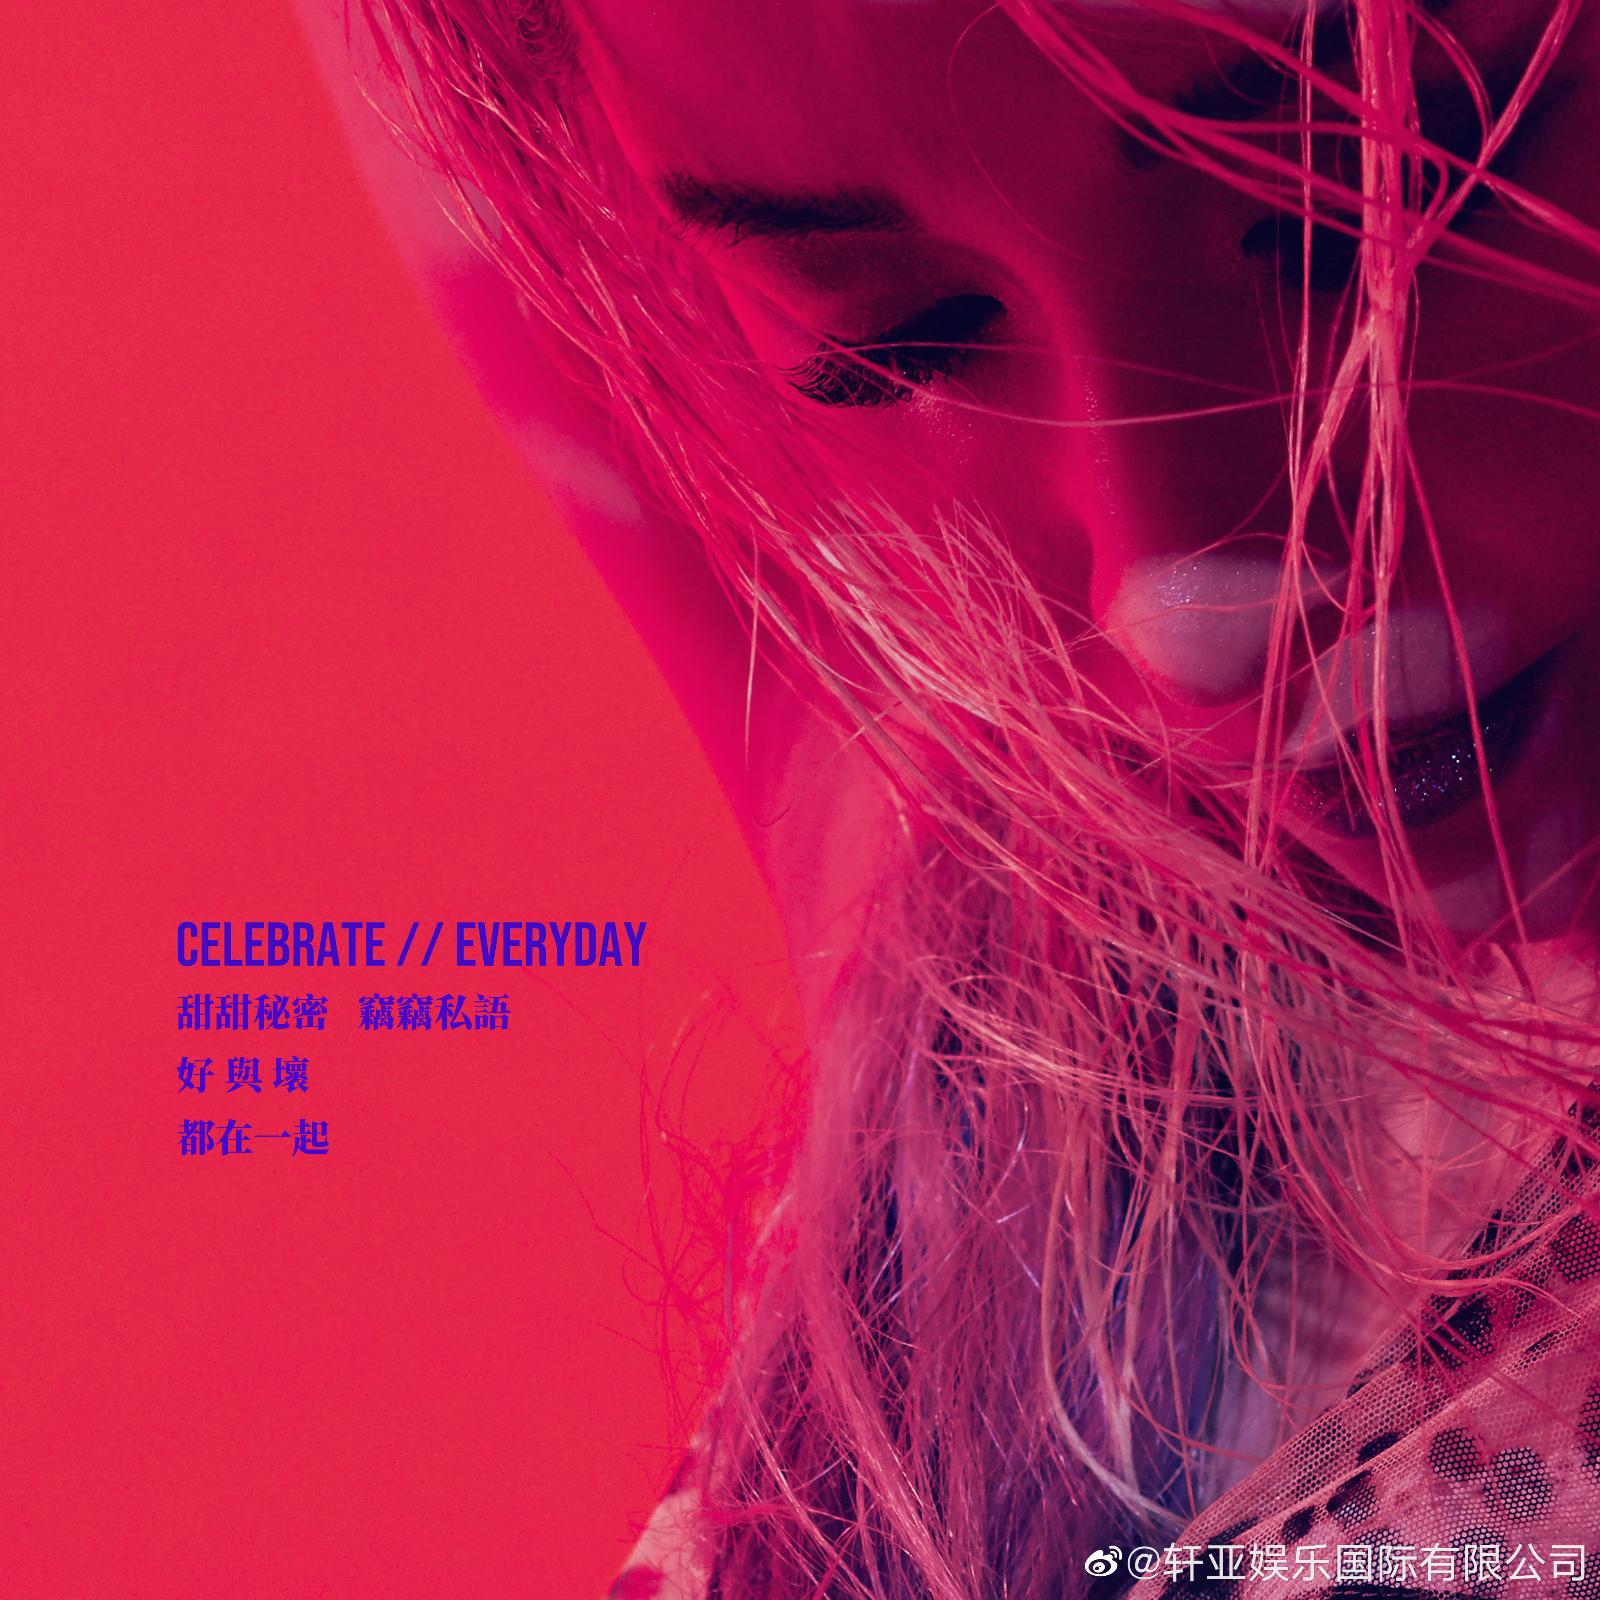 #萧亚轩#献给过世十年的母亲,萧亚轩新单曲上线